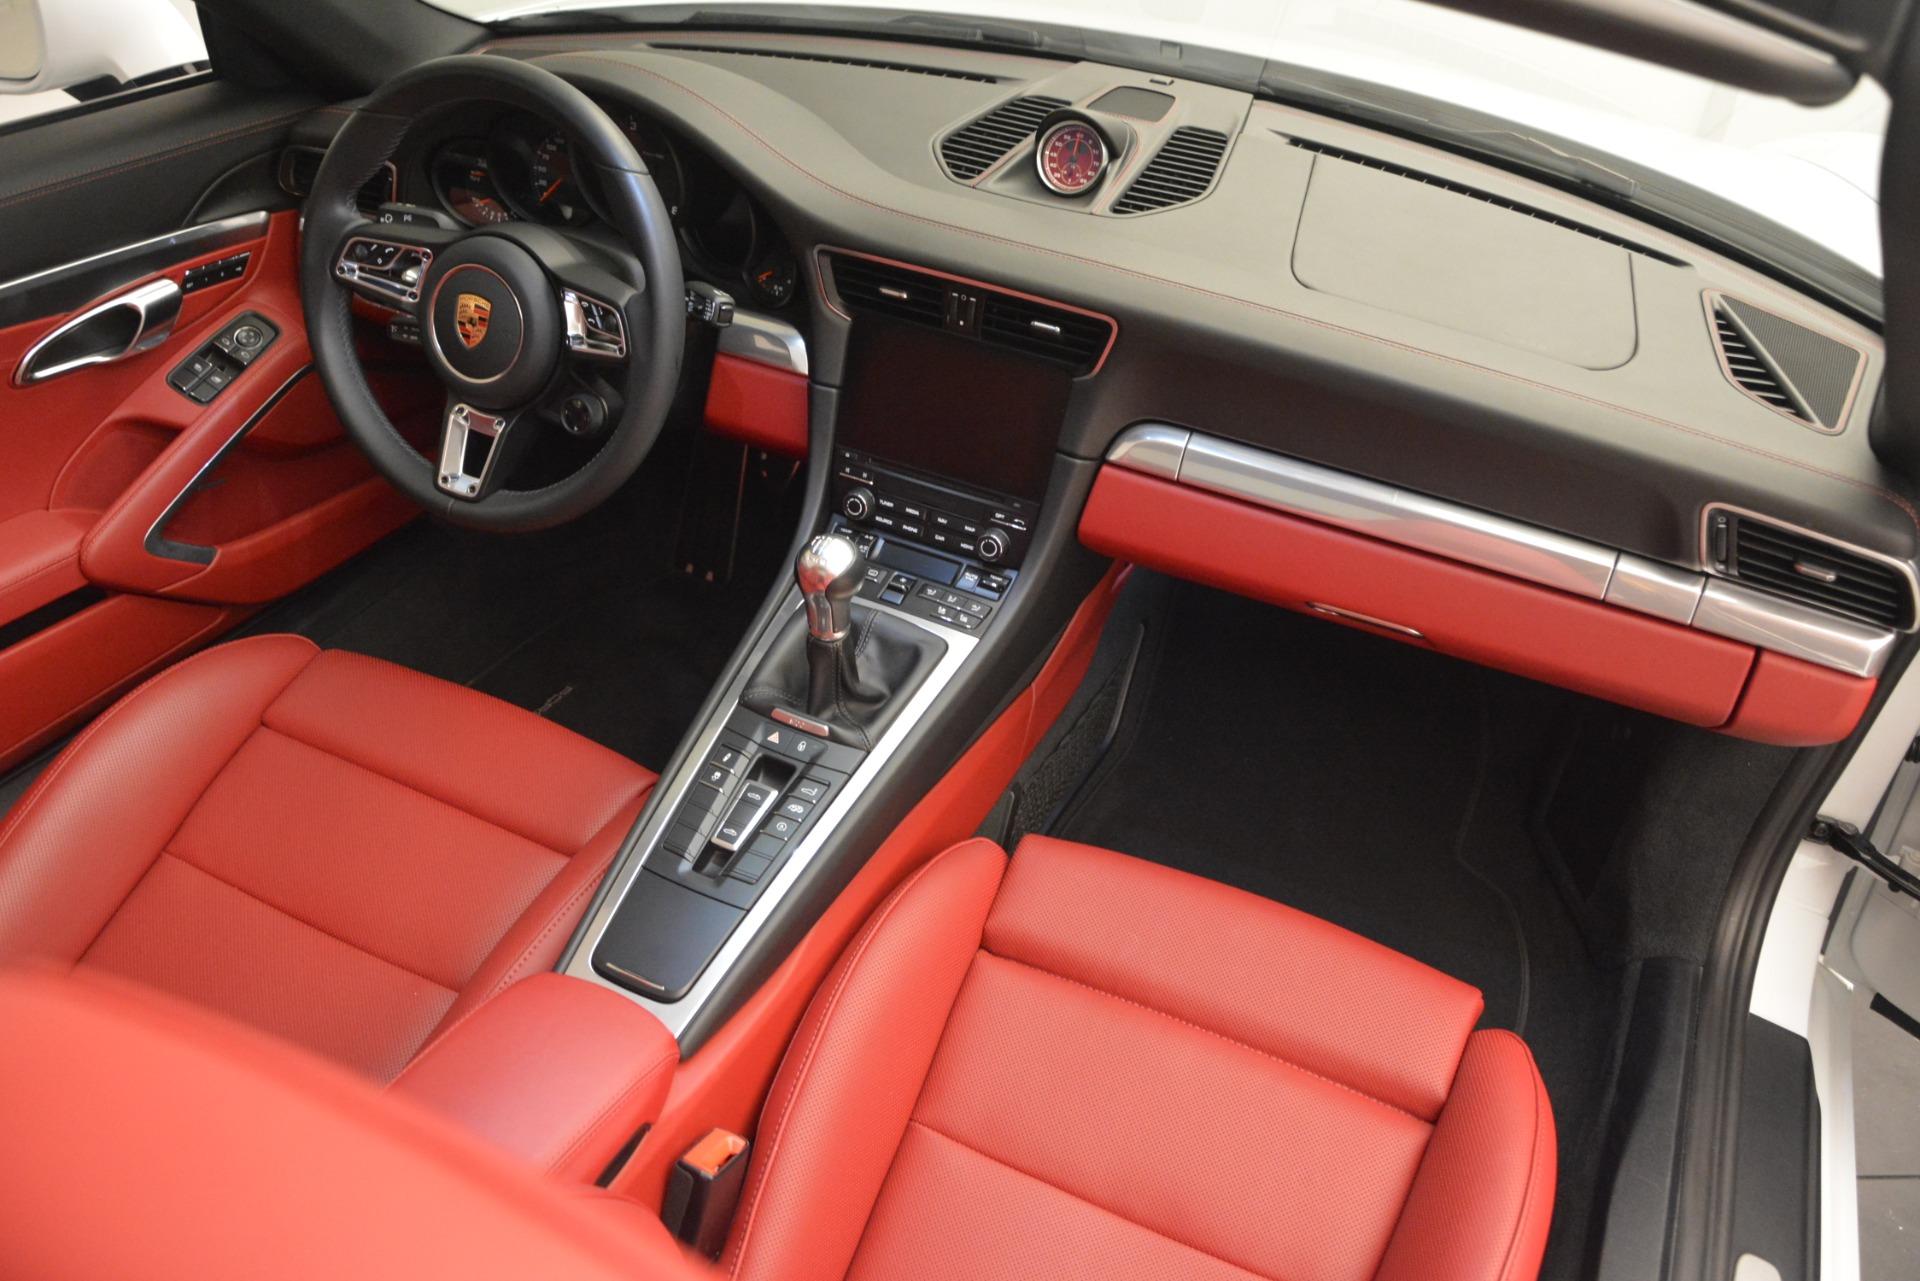 Used 2017 Porsche 911 Targa 4S For Sale In Greenwich, CT. Alfa Romeo of Greenwich, 7433 2593_p21